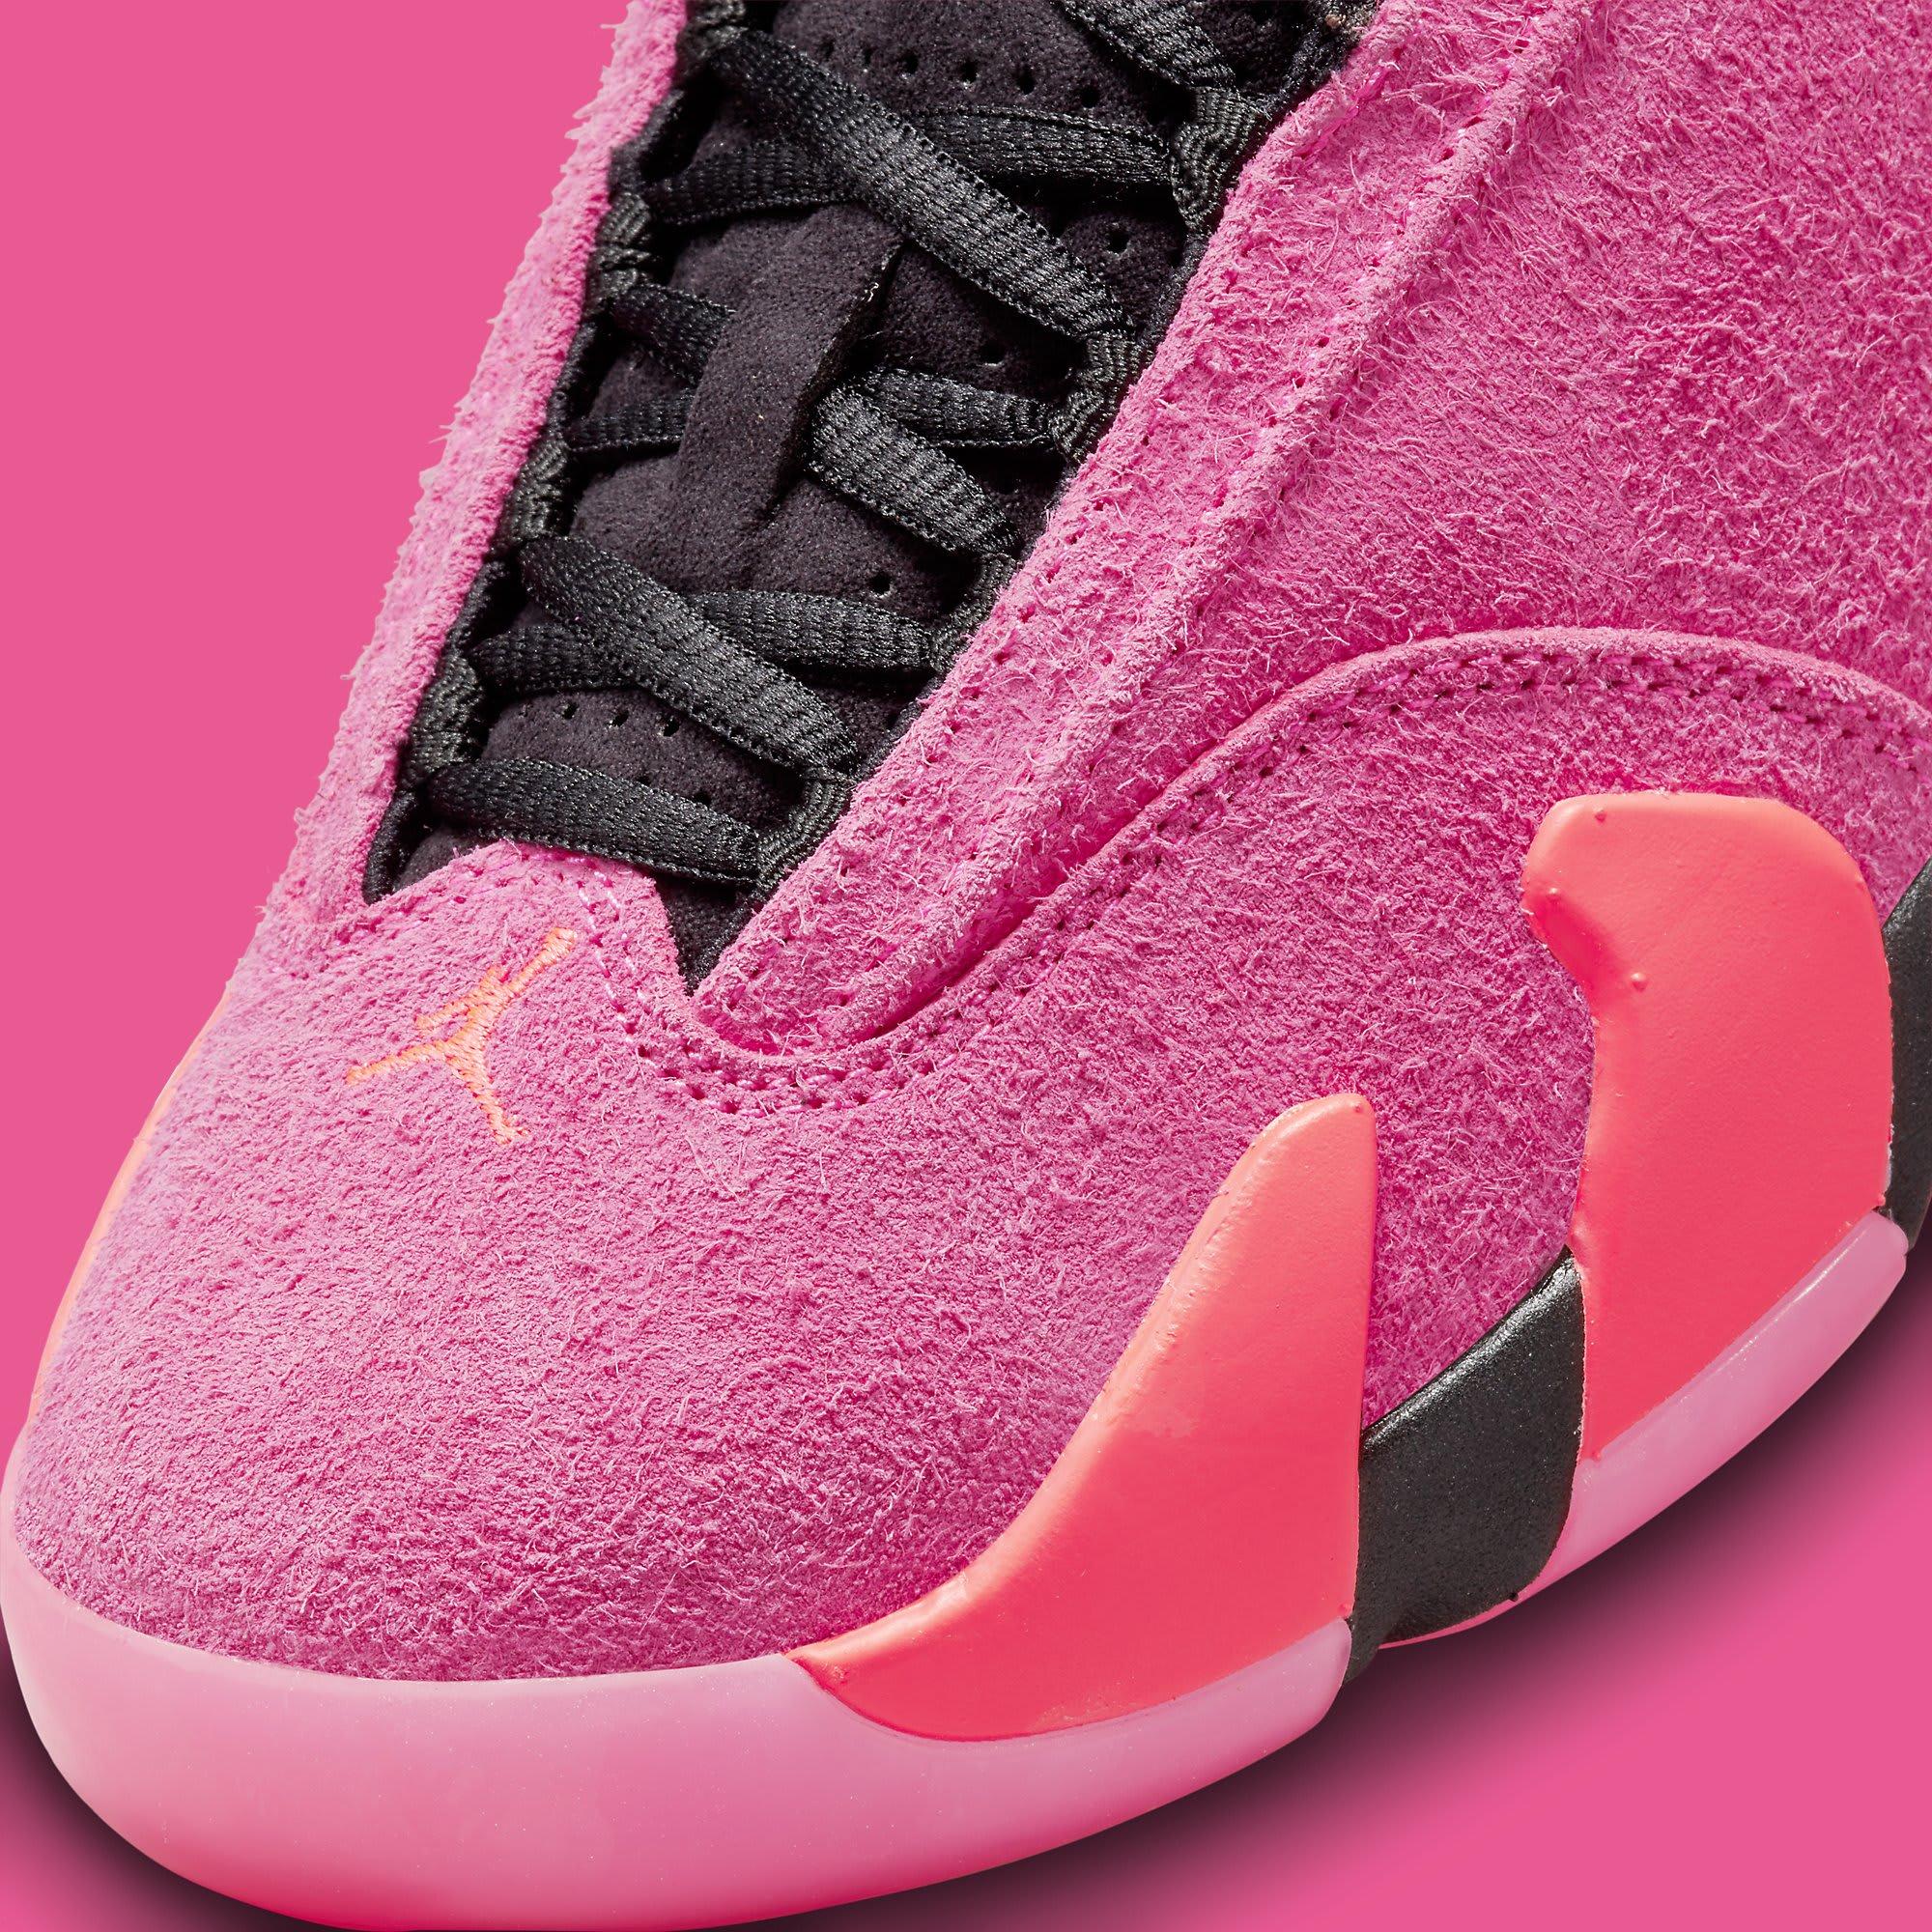 Air Jordan 14 Women's 'Shocking Pink' DH4121 600 Toe